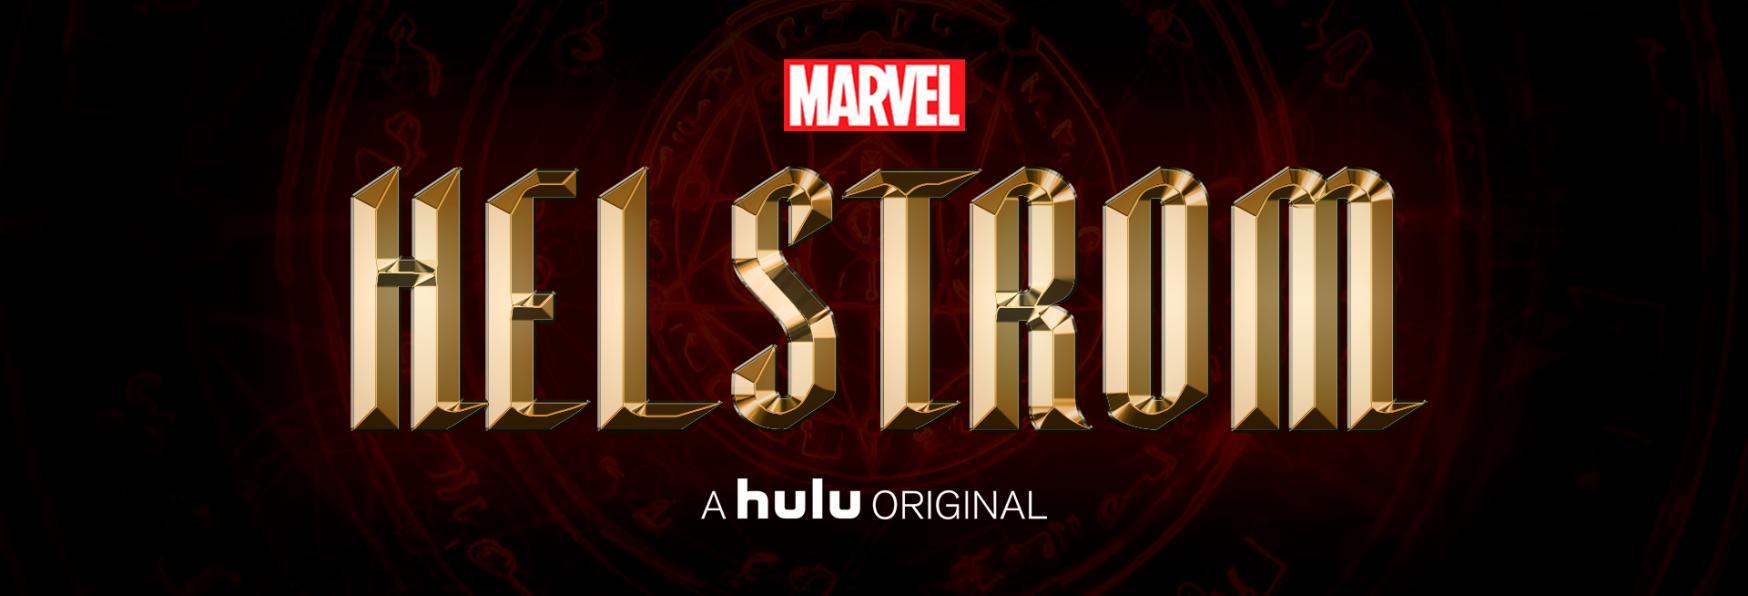 Helstrom: Concluse le Riprese della nuova Serie TV Marvel ordinata da Hulu